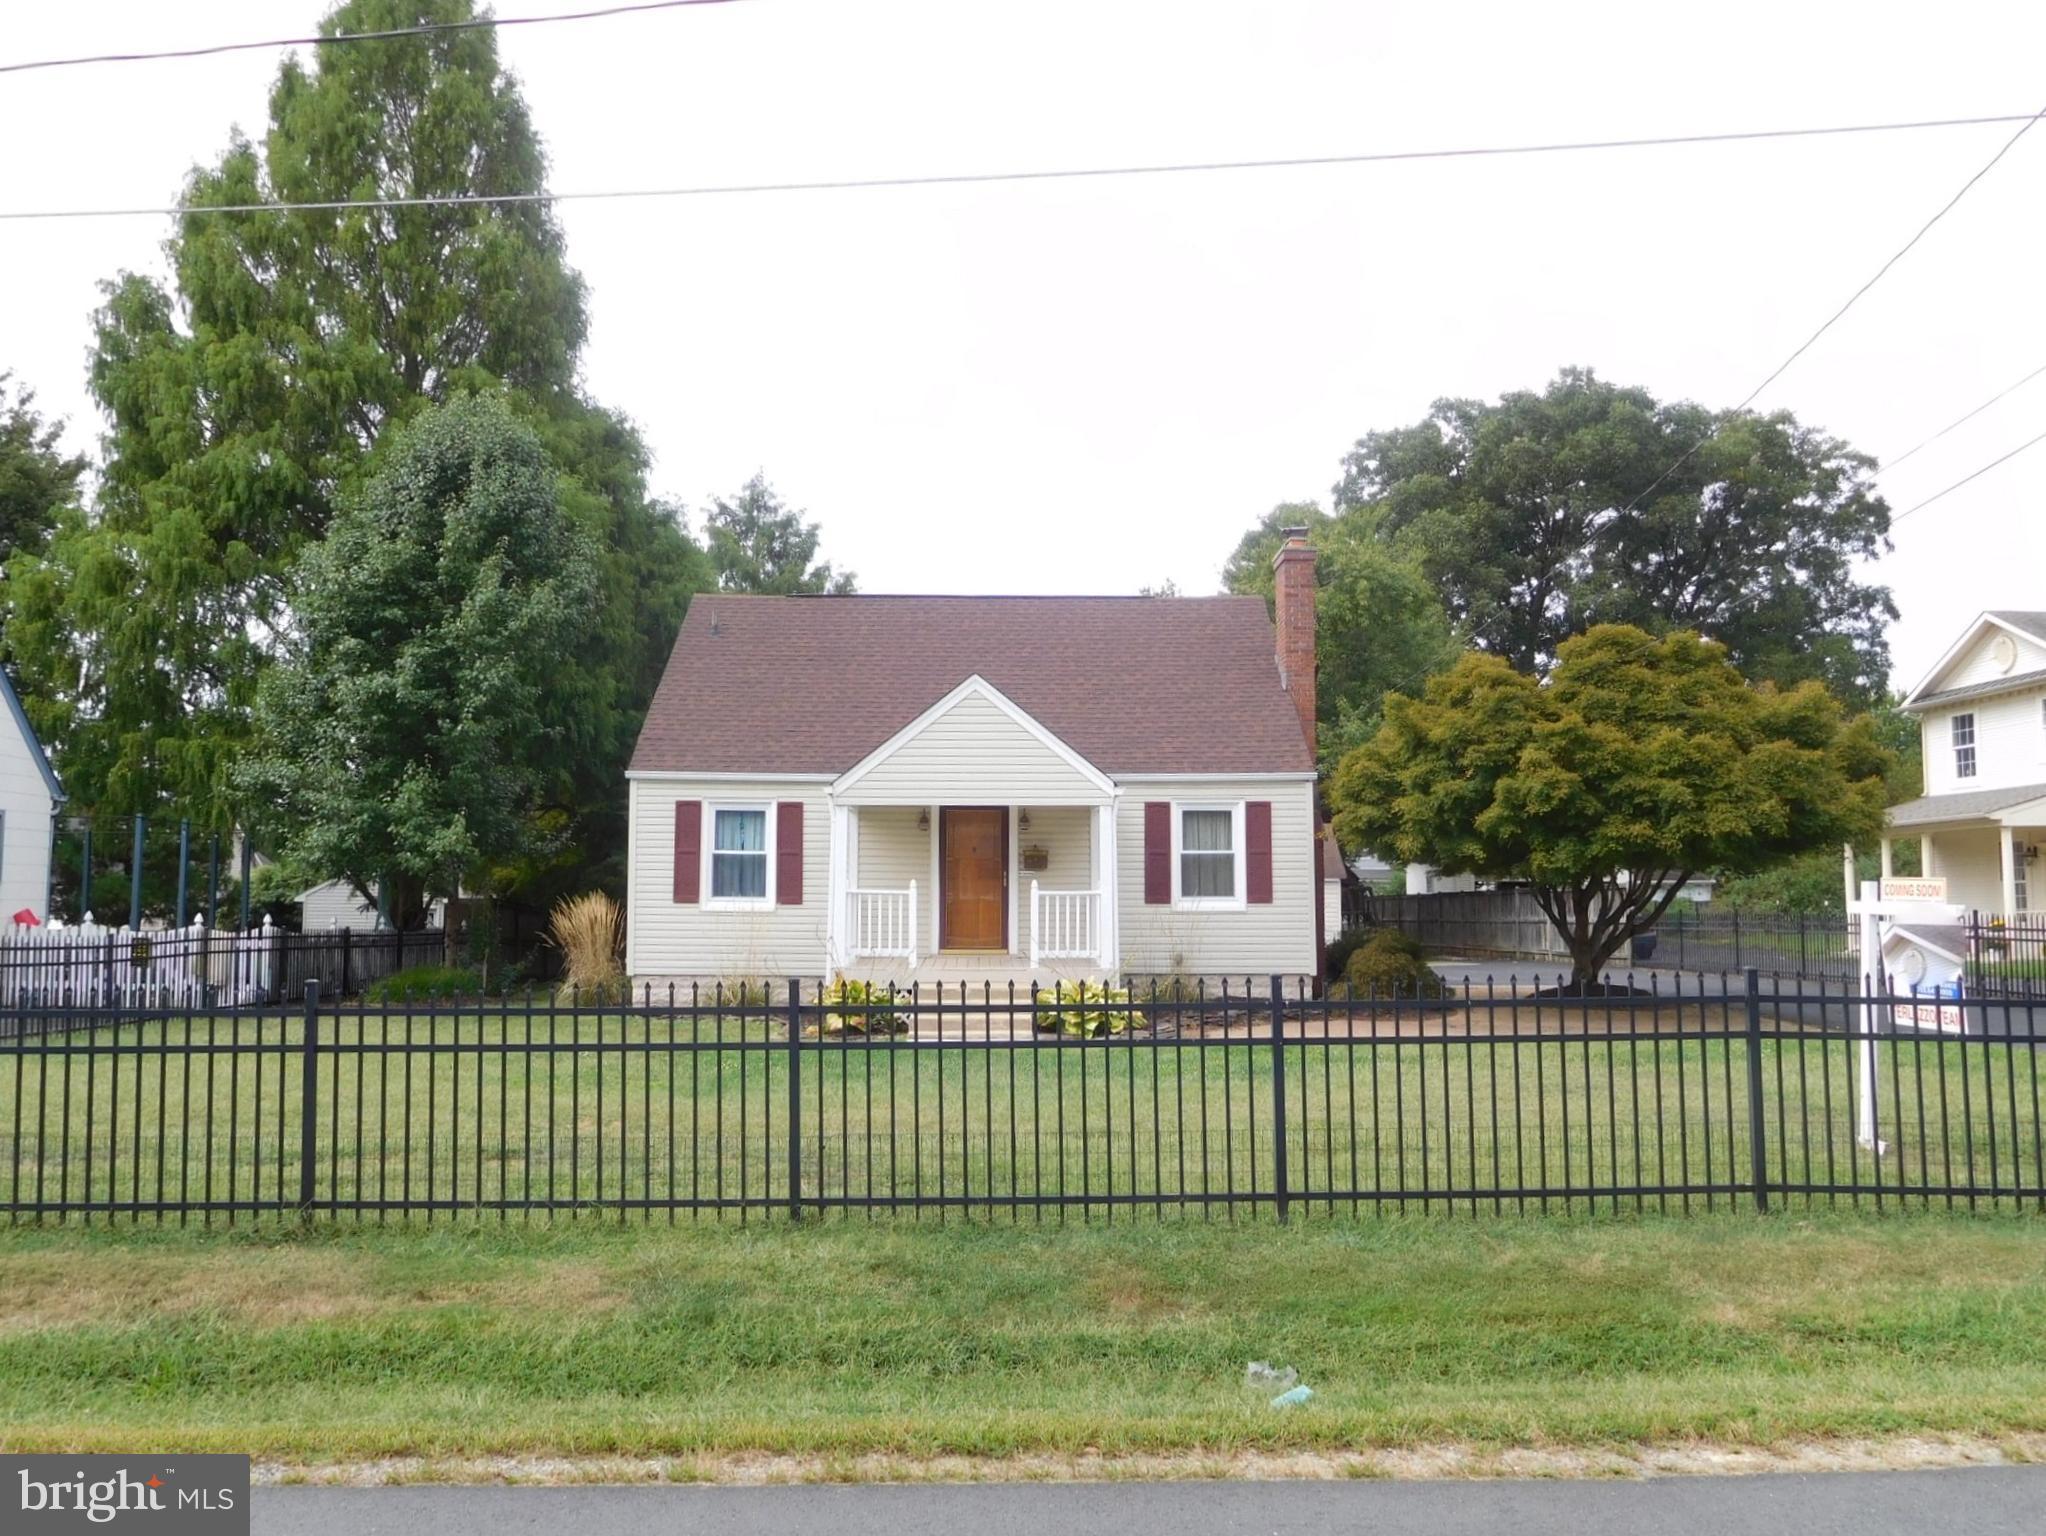 13406 WOODBRIDGE St, Woodbridge, VA, 22191